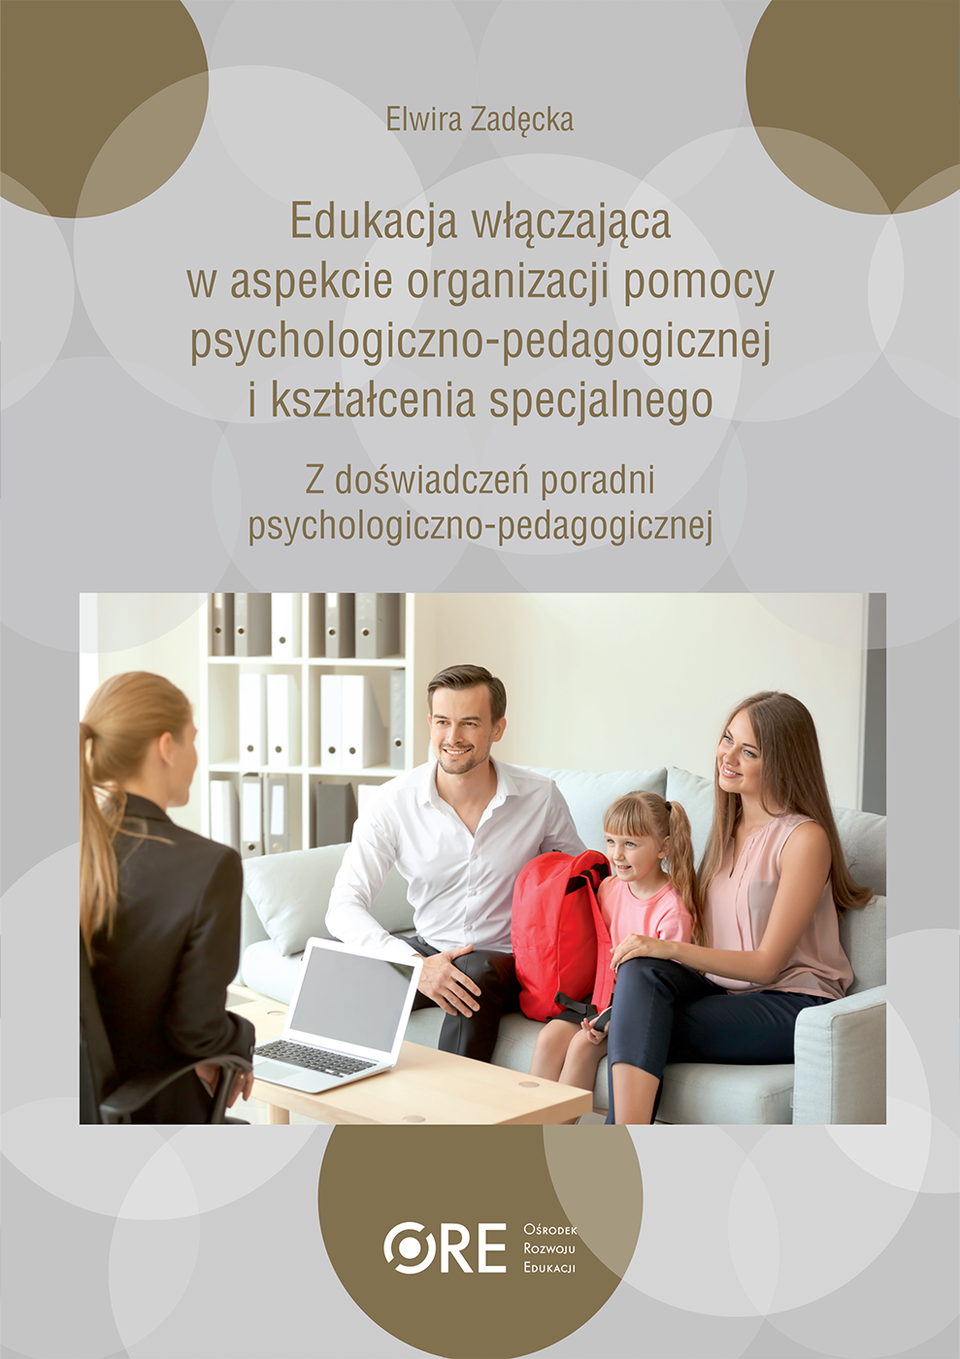 Pobierz plik: Edukacja-wlaczajaca-z-doswiadczen-poradni_E.Zadecka.pdf